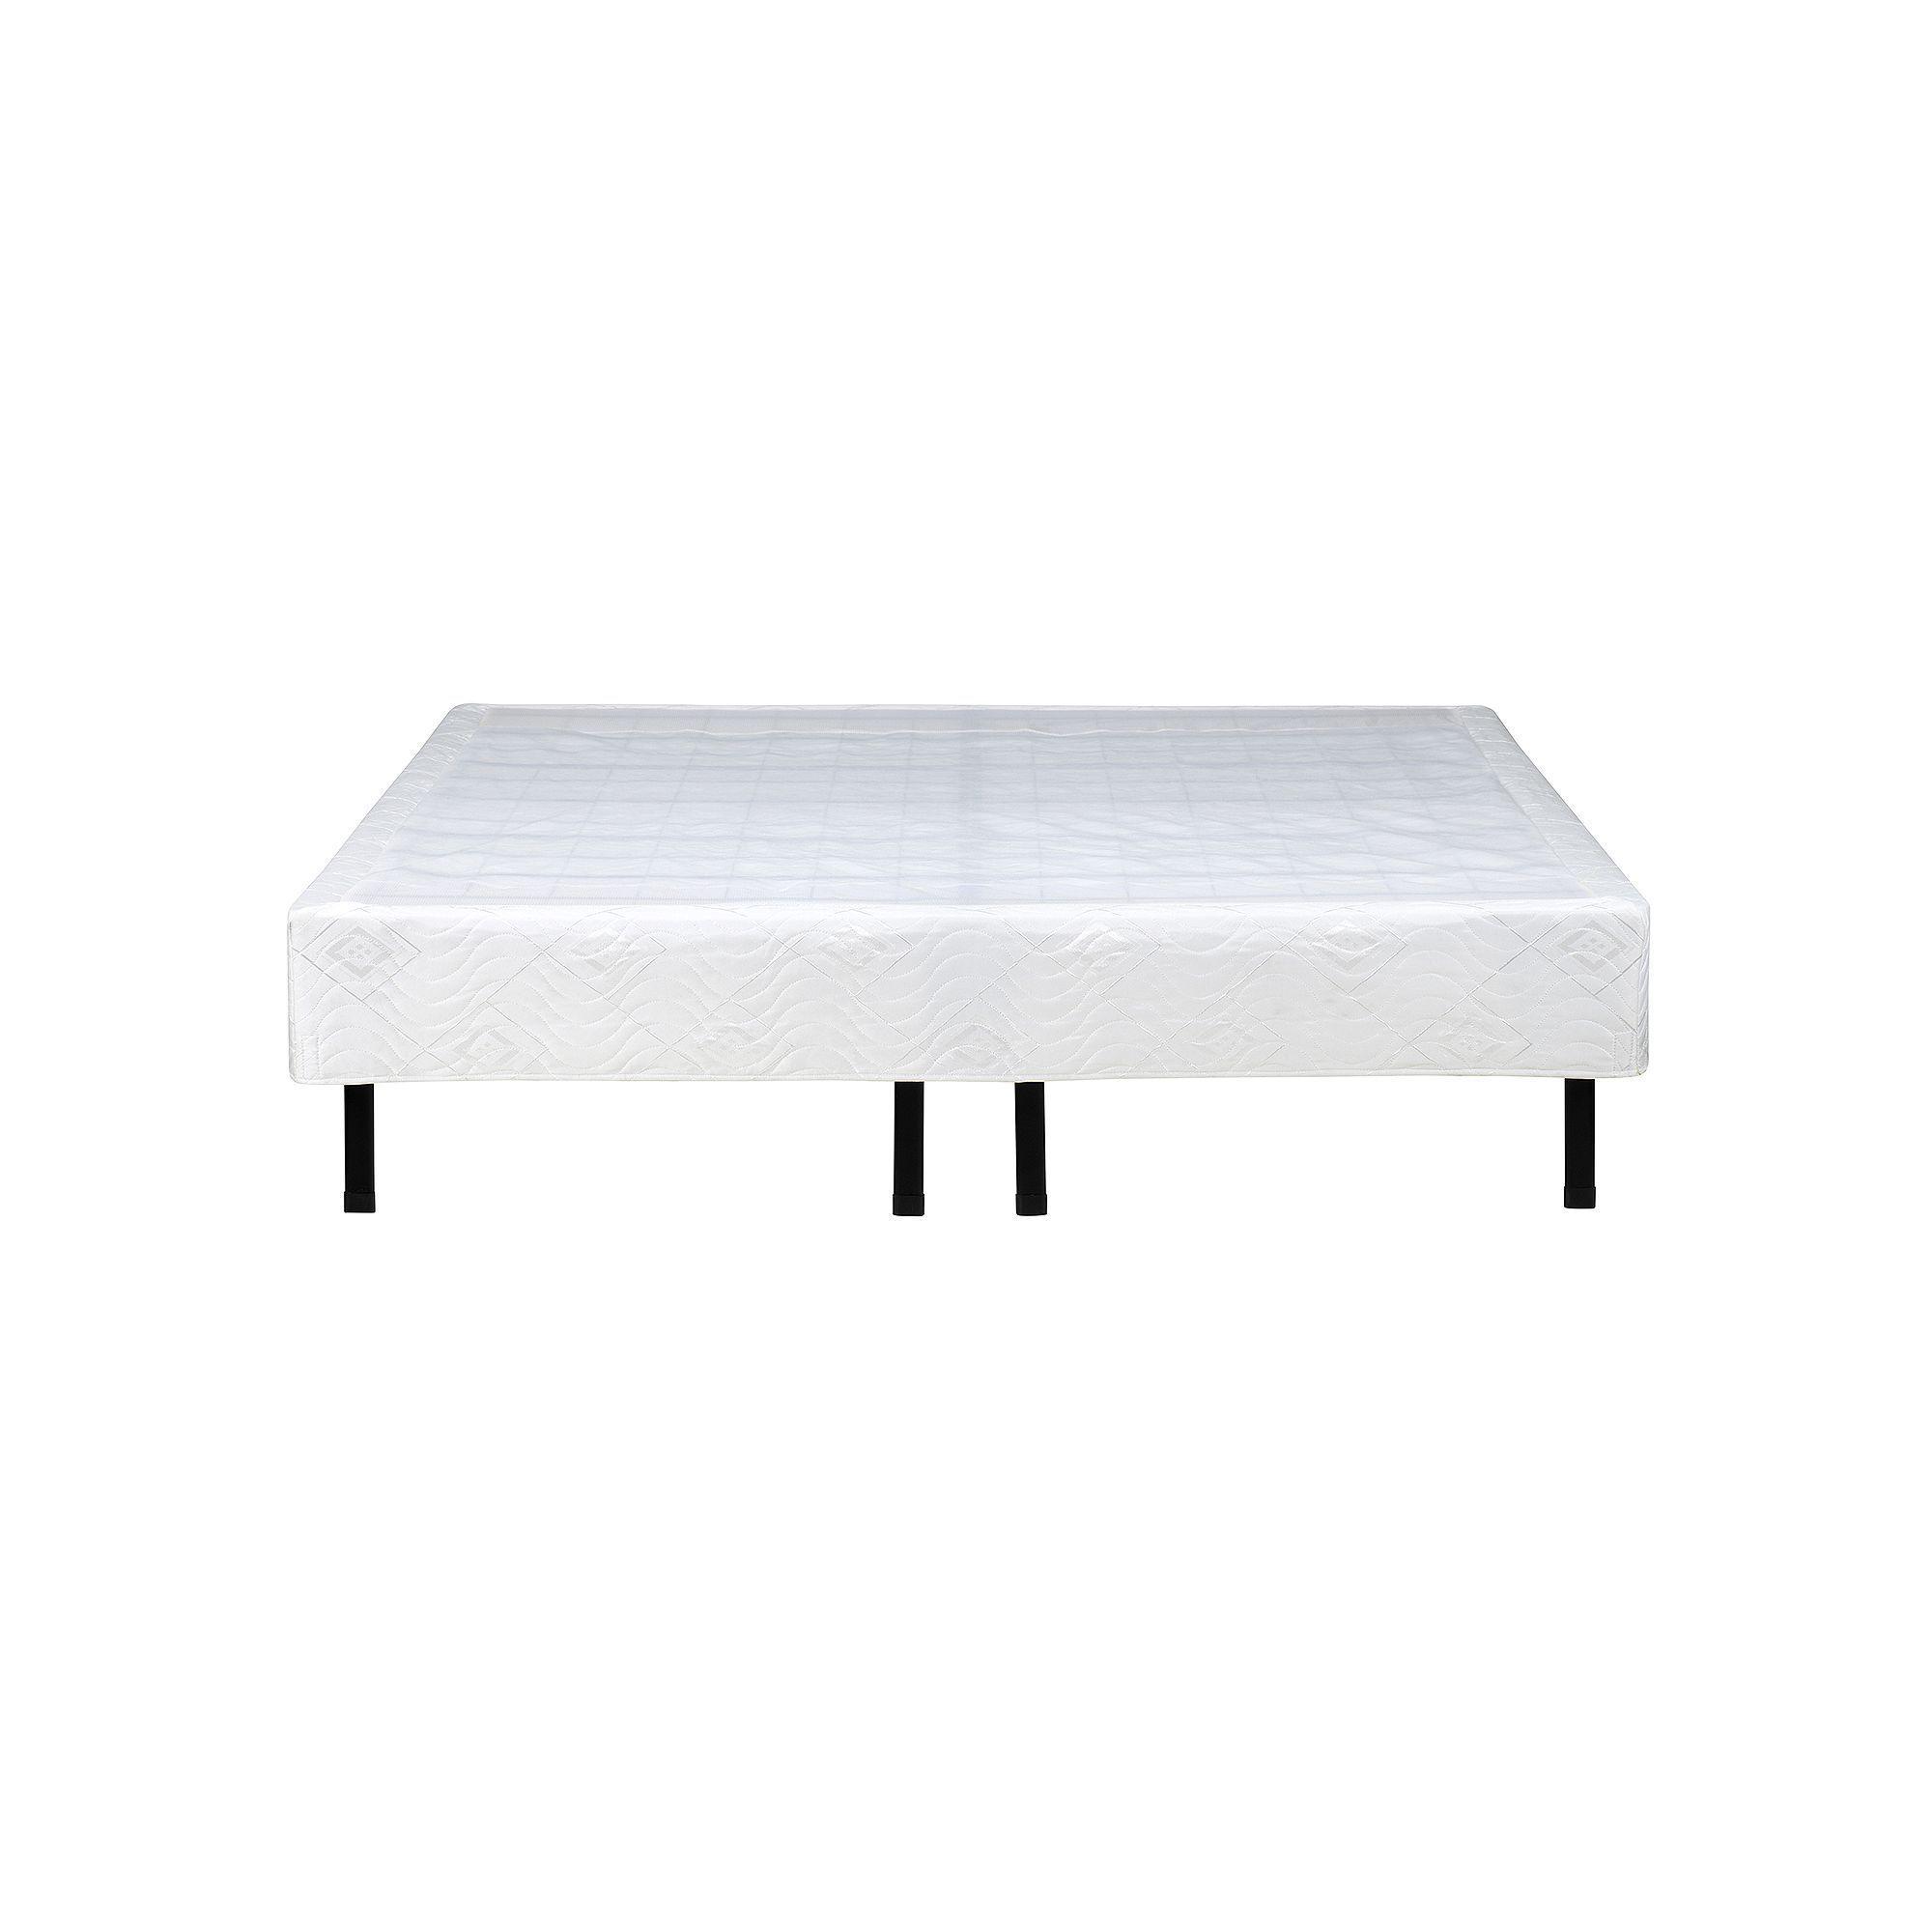 eco sense metal platform bed frame cover black metal platform bed